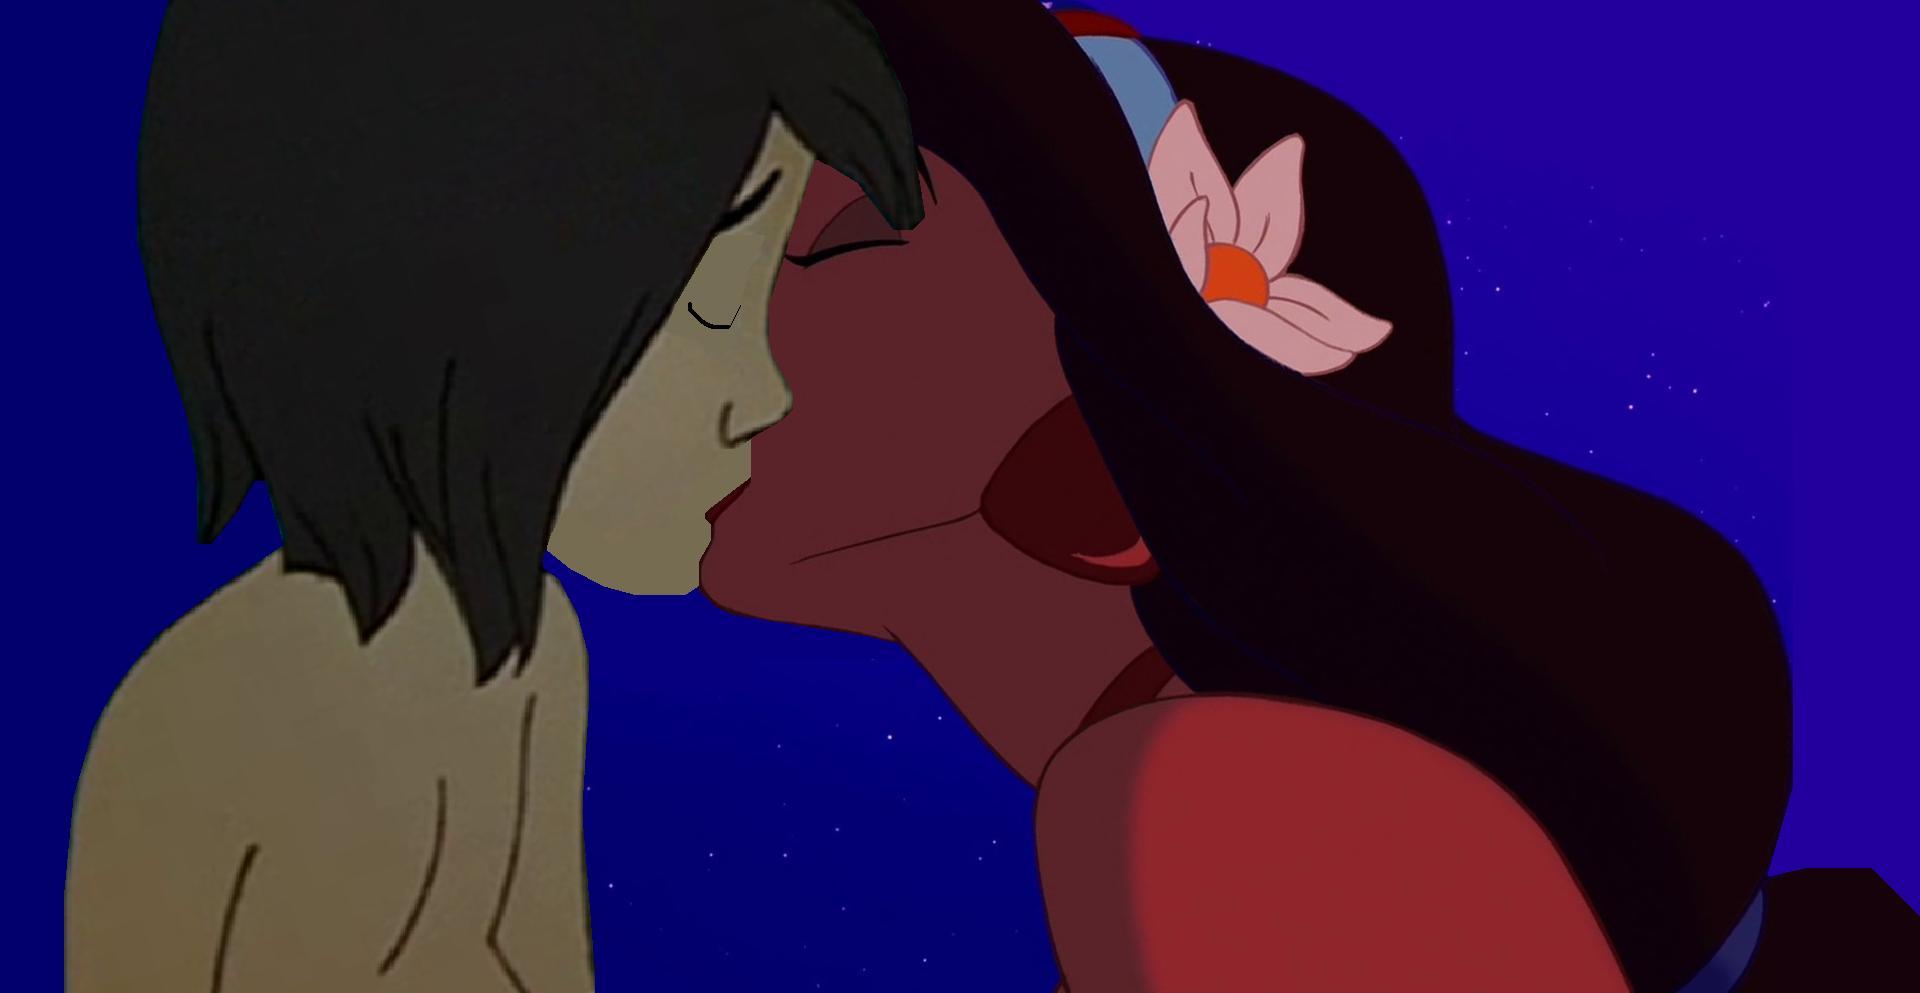 茉莉, 茉莉花 and mowgli 吻乐队(Kiss)